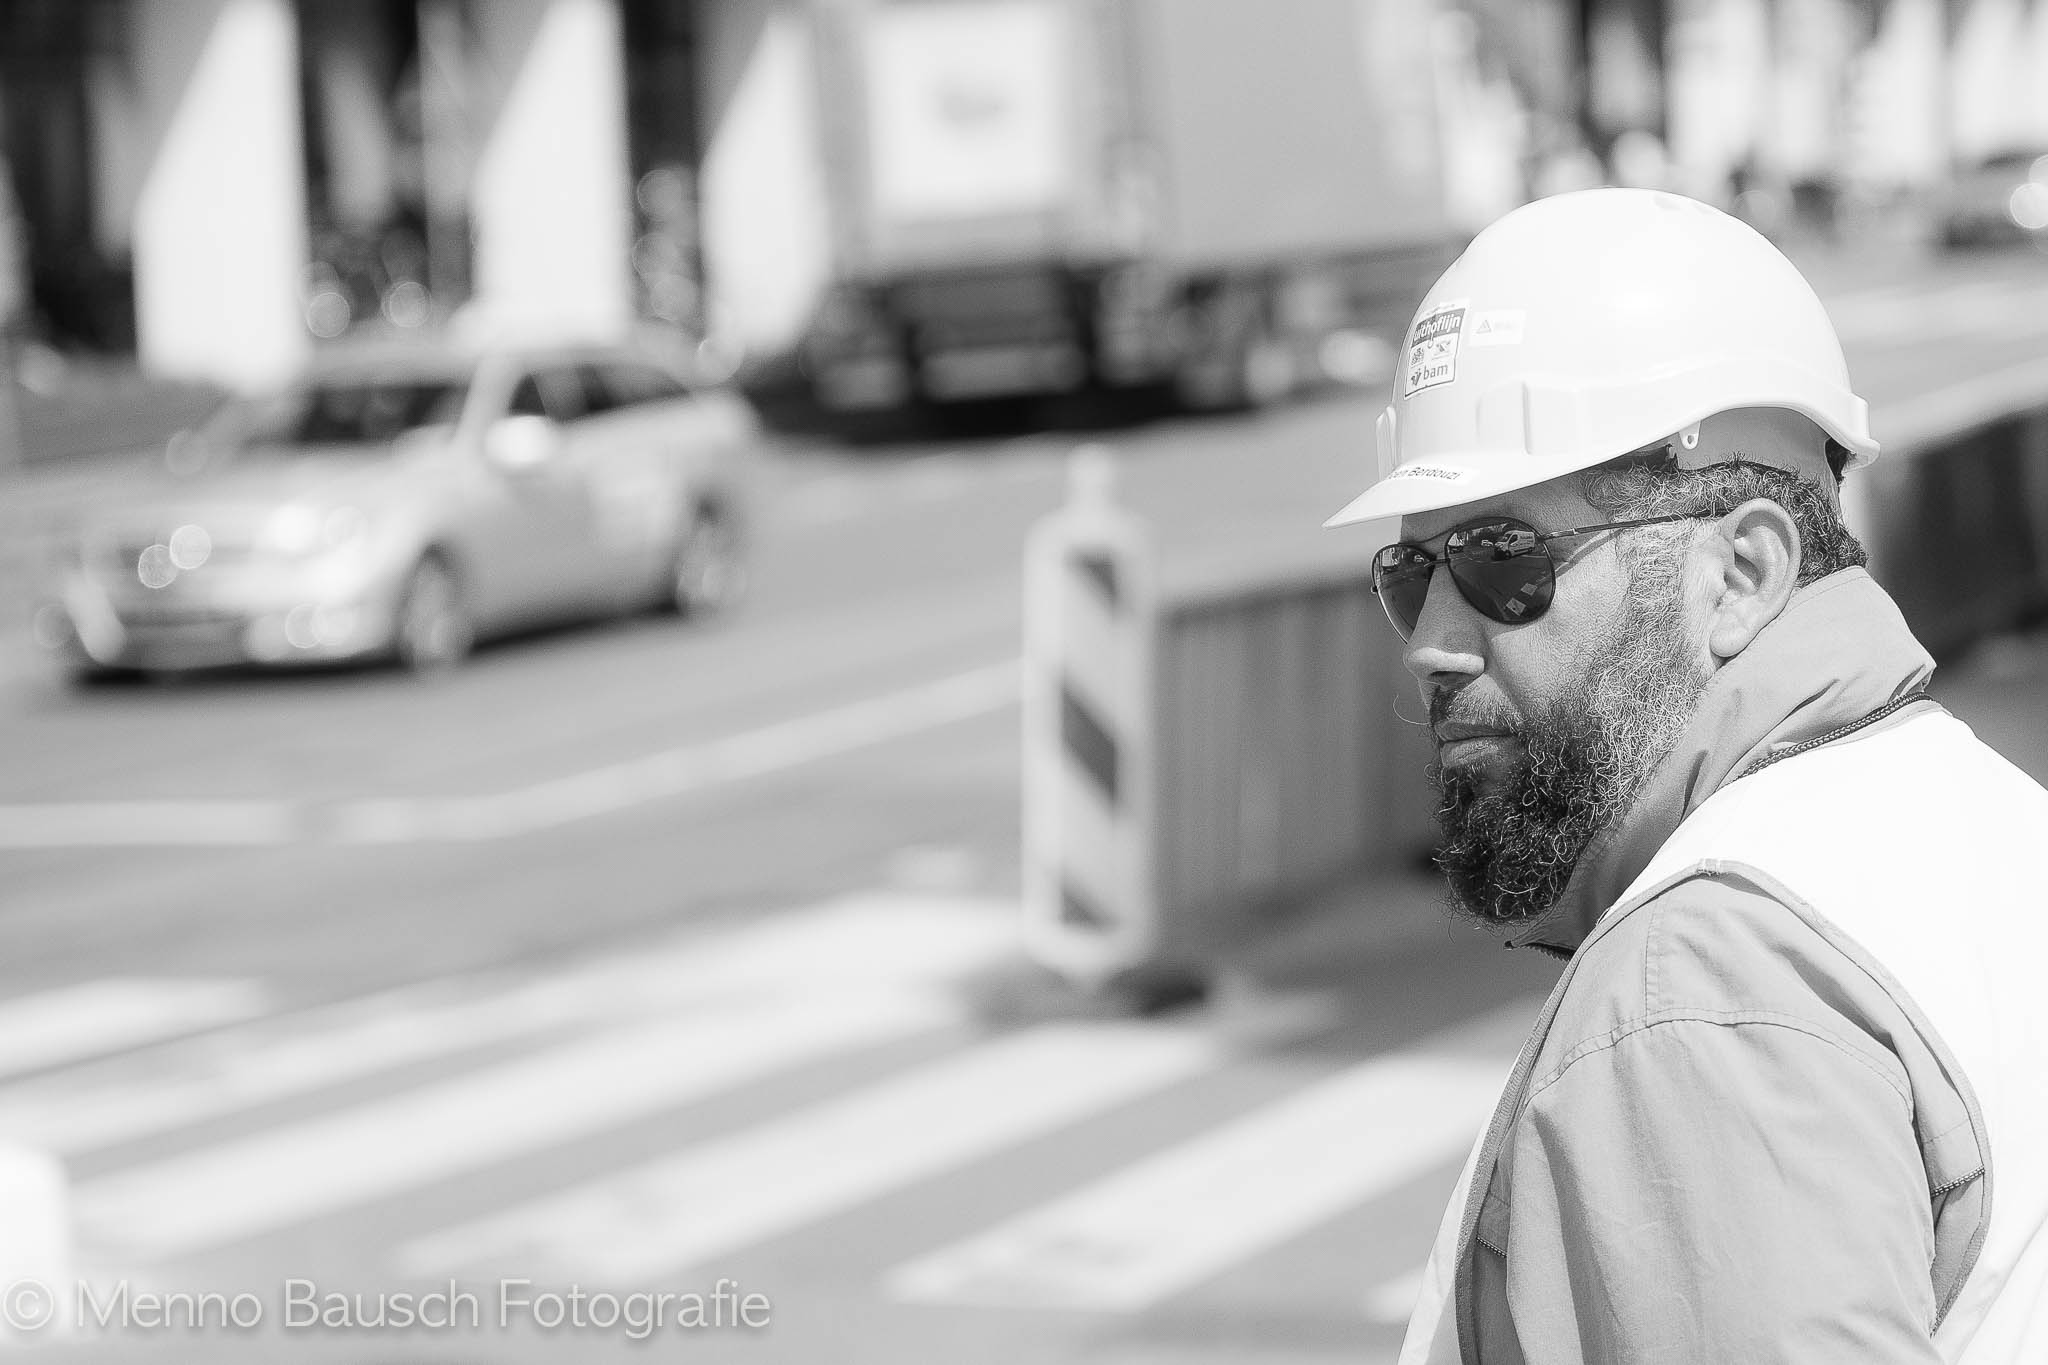 Menno Bausch Fotografie15